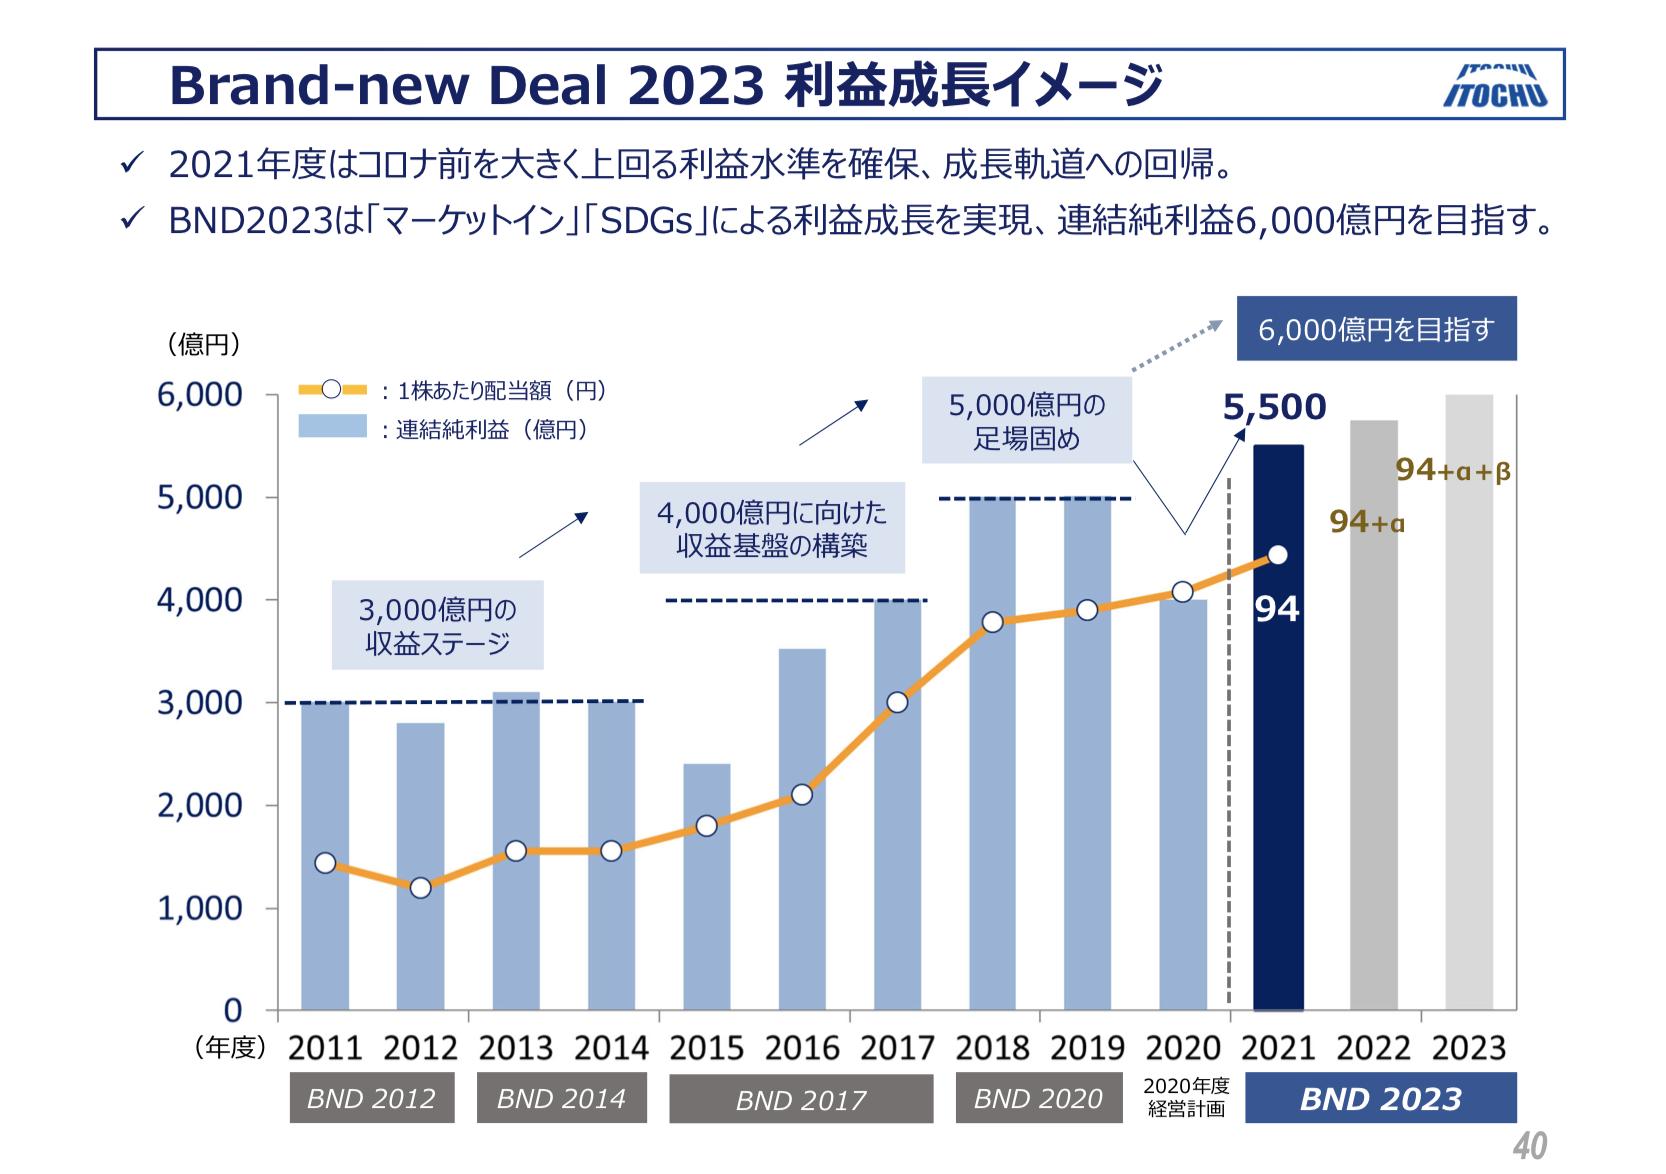 伊藤忠商事 2020年度決算、2021〜2023年度中期経営計画 補足説明